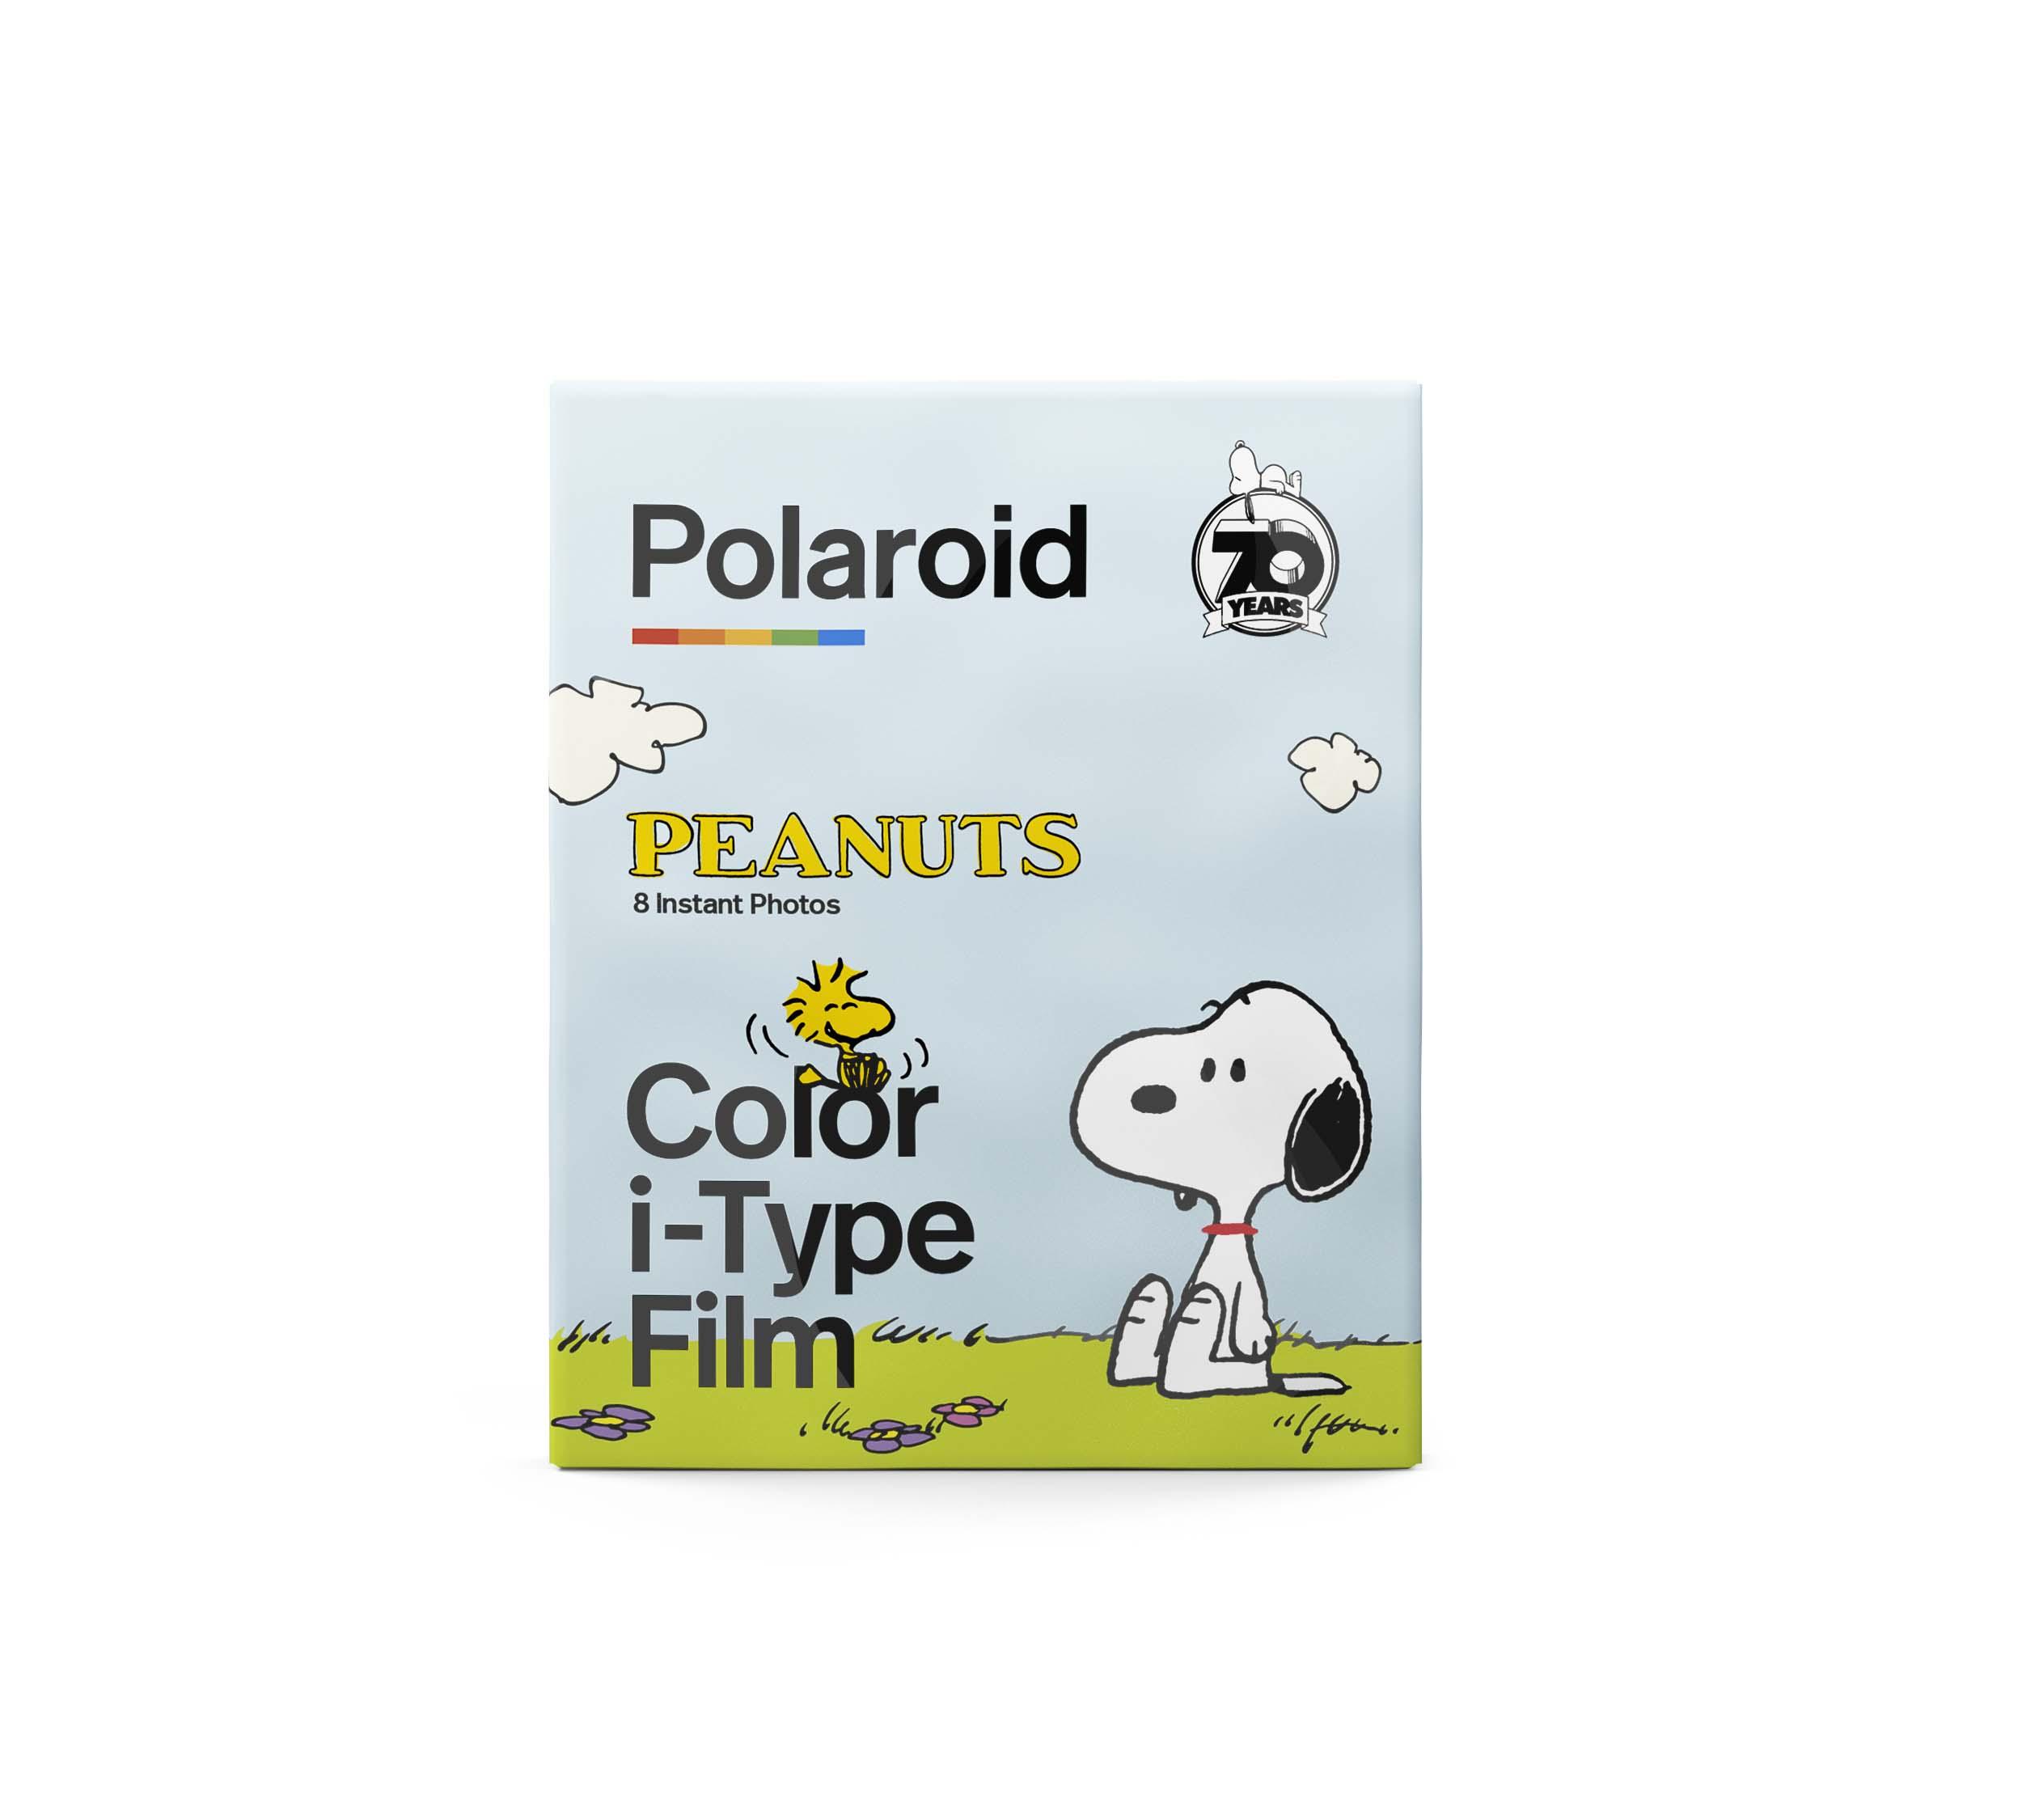 Papier photo instantané Polaroid 8 feuilles pour Peanuts Edition